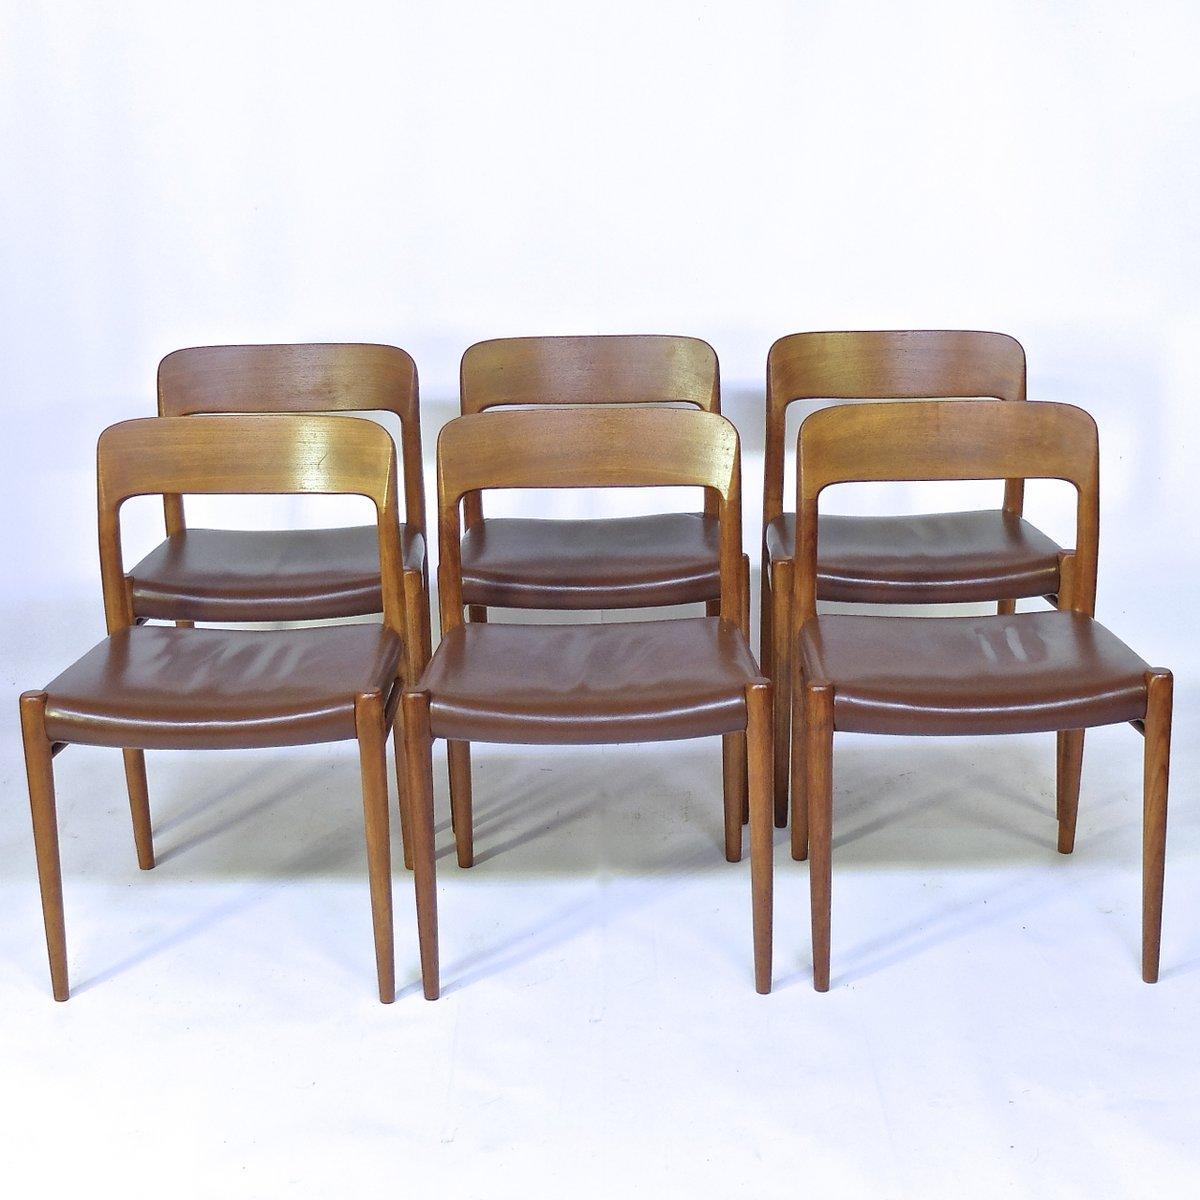 vintage st hle aus teak leder von niels o m ller f r j. Black Bedroom Furniture Sets. Home Design Ideas